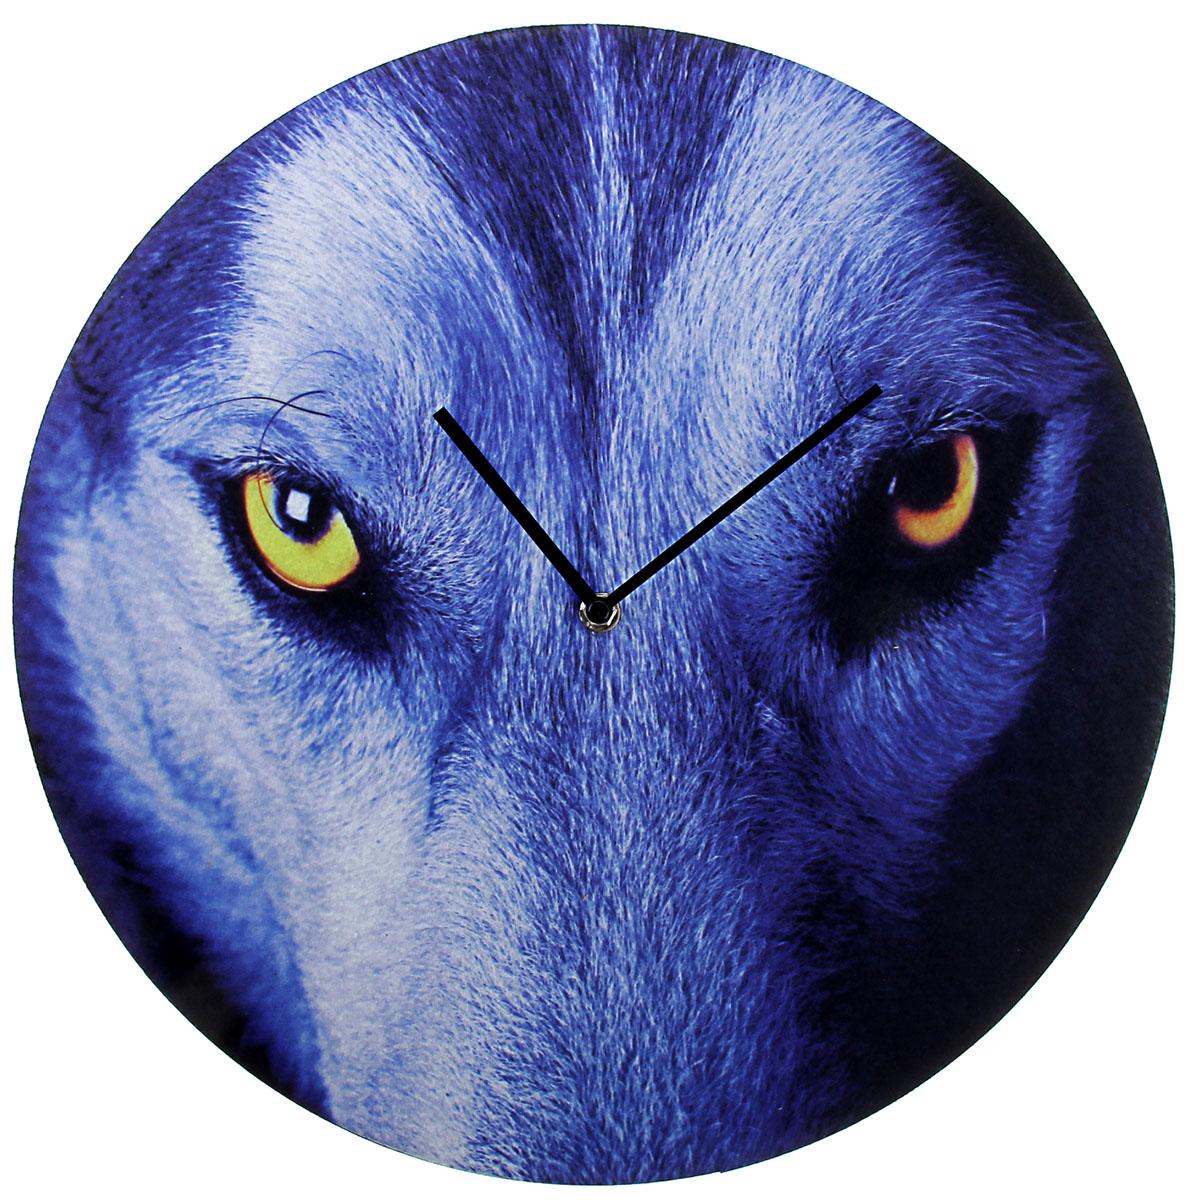 Часы настенные Фетр. Волчий взгляд, диаметр 40 см760857Каждому хозяину периодически приходит мысль обновить свою квартиру, сделать ремонт, перестановку или кардинально поменять внешний вид каждой комнаты. Часы настенные интерьерные Серия Фетр. Волчий взгляд, d=40 см — привлекательная деталь, которая поможет воплотить вашу интерьерную идею, создать неповторимую атмосферу в вашем доме. Окружите себя приятными мелочами, пусть они радуют глаз и дарят гармонию.часы настенные серии фетр Волчий взгляд d=40см 760857